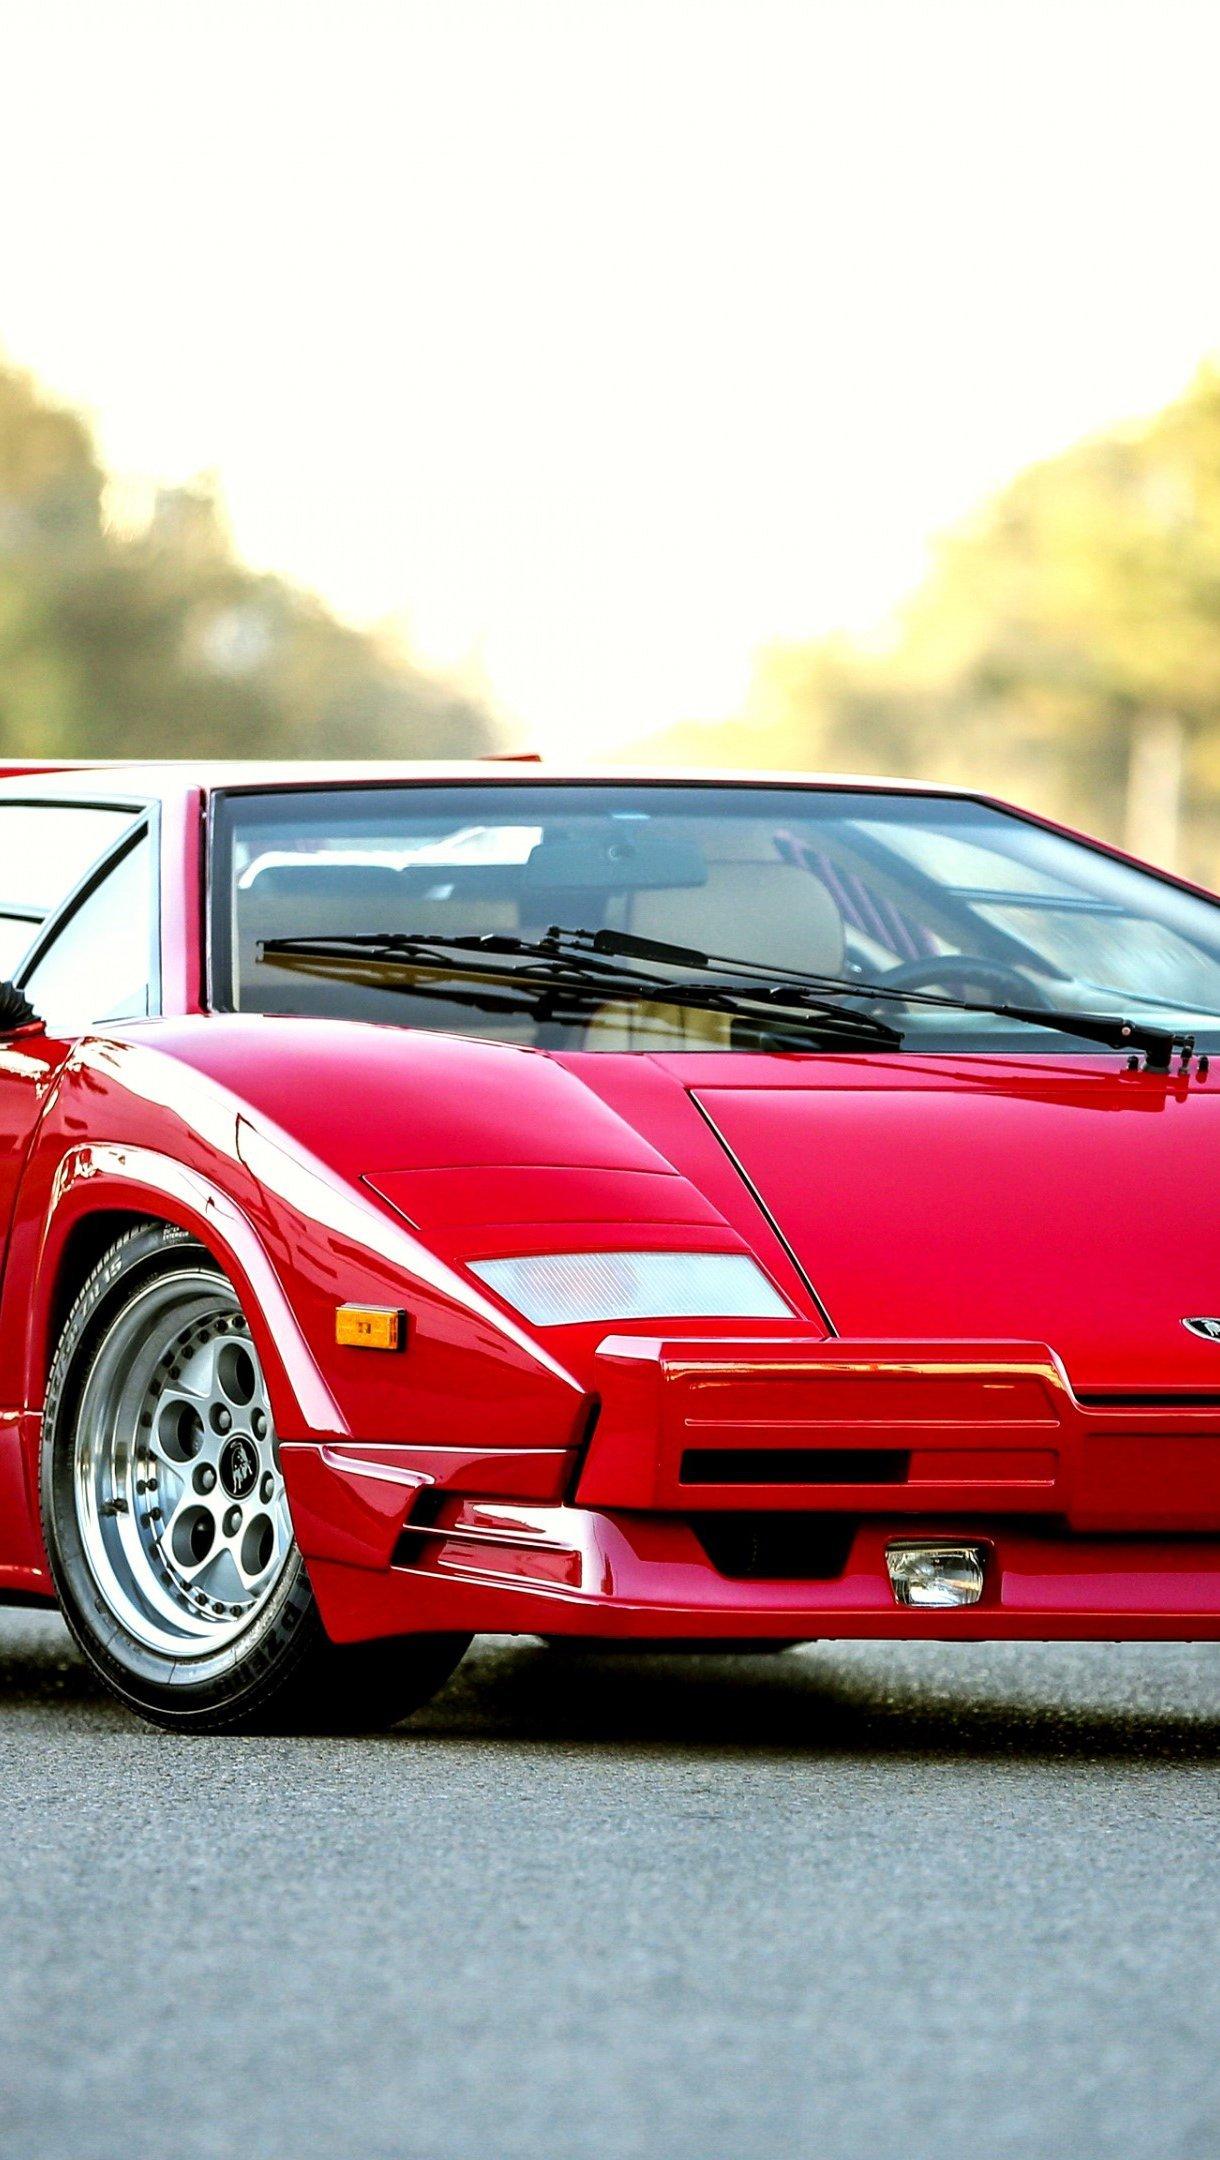 Fondos de pantalla Bertone Lamborghini Countach rojo Vertical